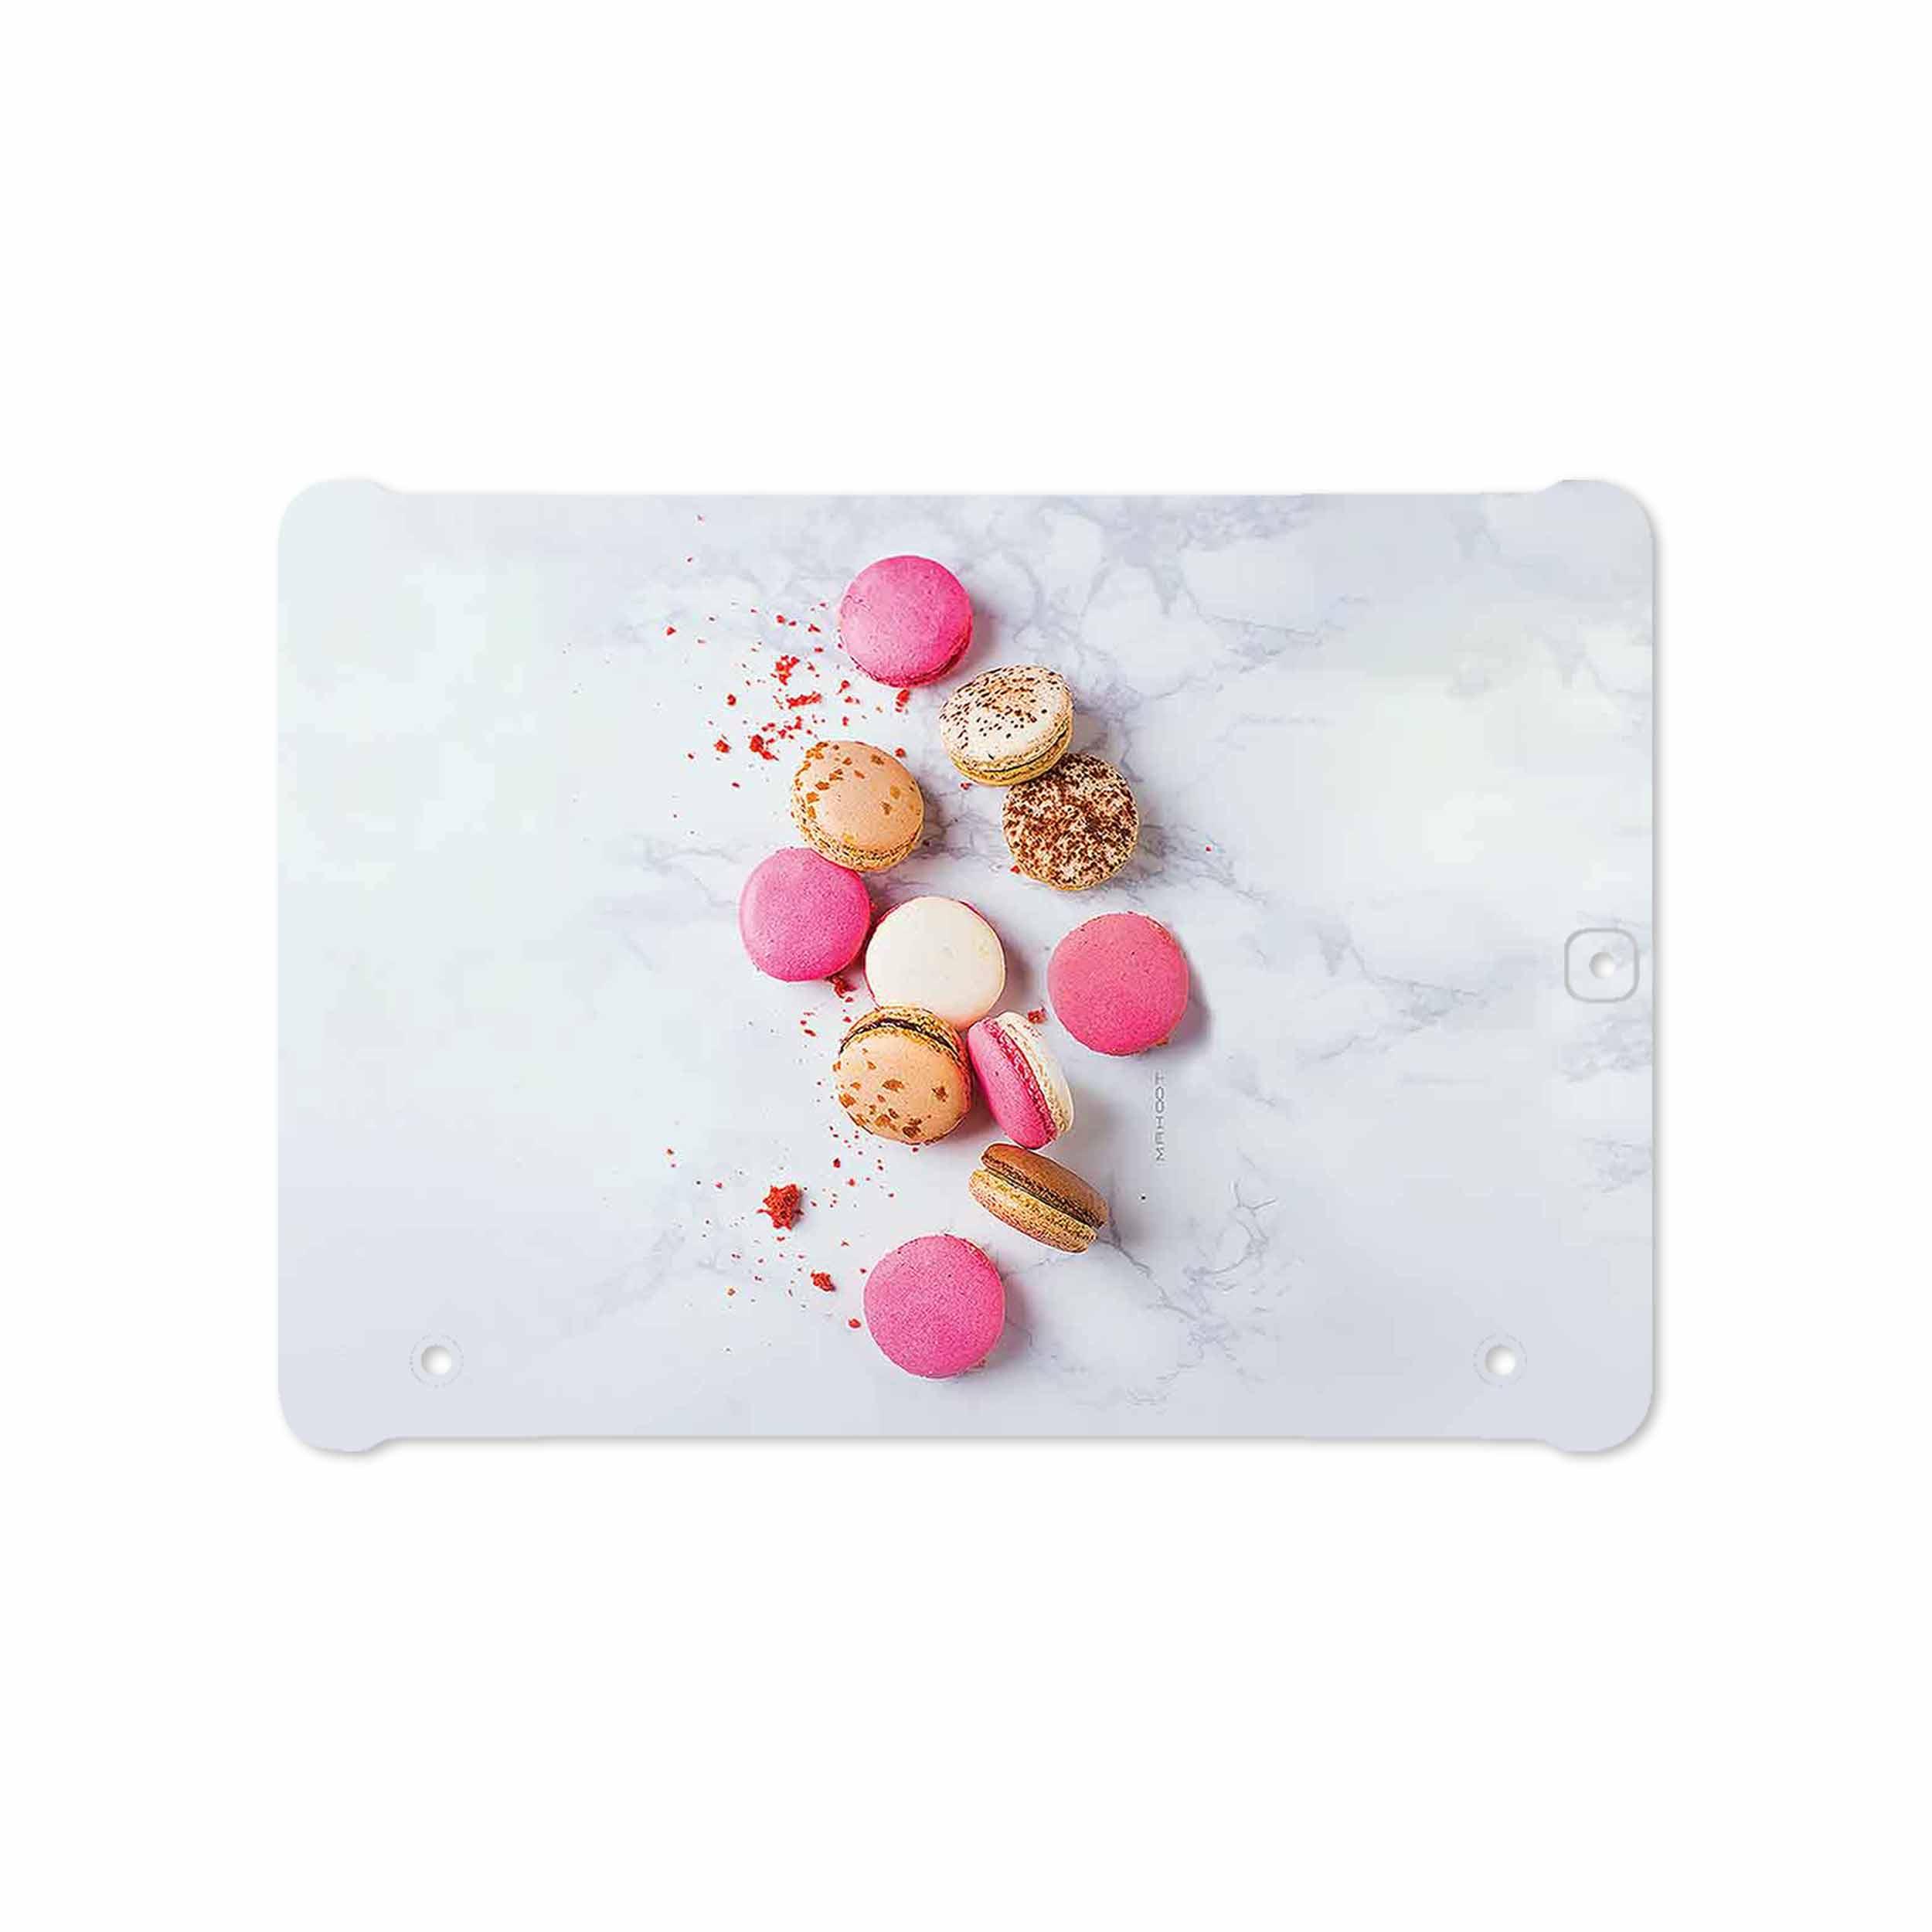 بررسی و خرید [با تخفیف]                                     برچسب پوششی ماهوت مدل Macaron cookie مناسب برای تبلت سامسونگ Galaxy Tab S2 9.7 2015 T810                             اورجینال